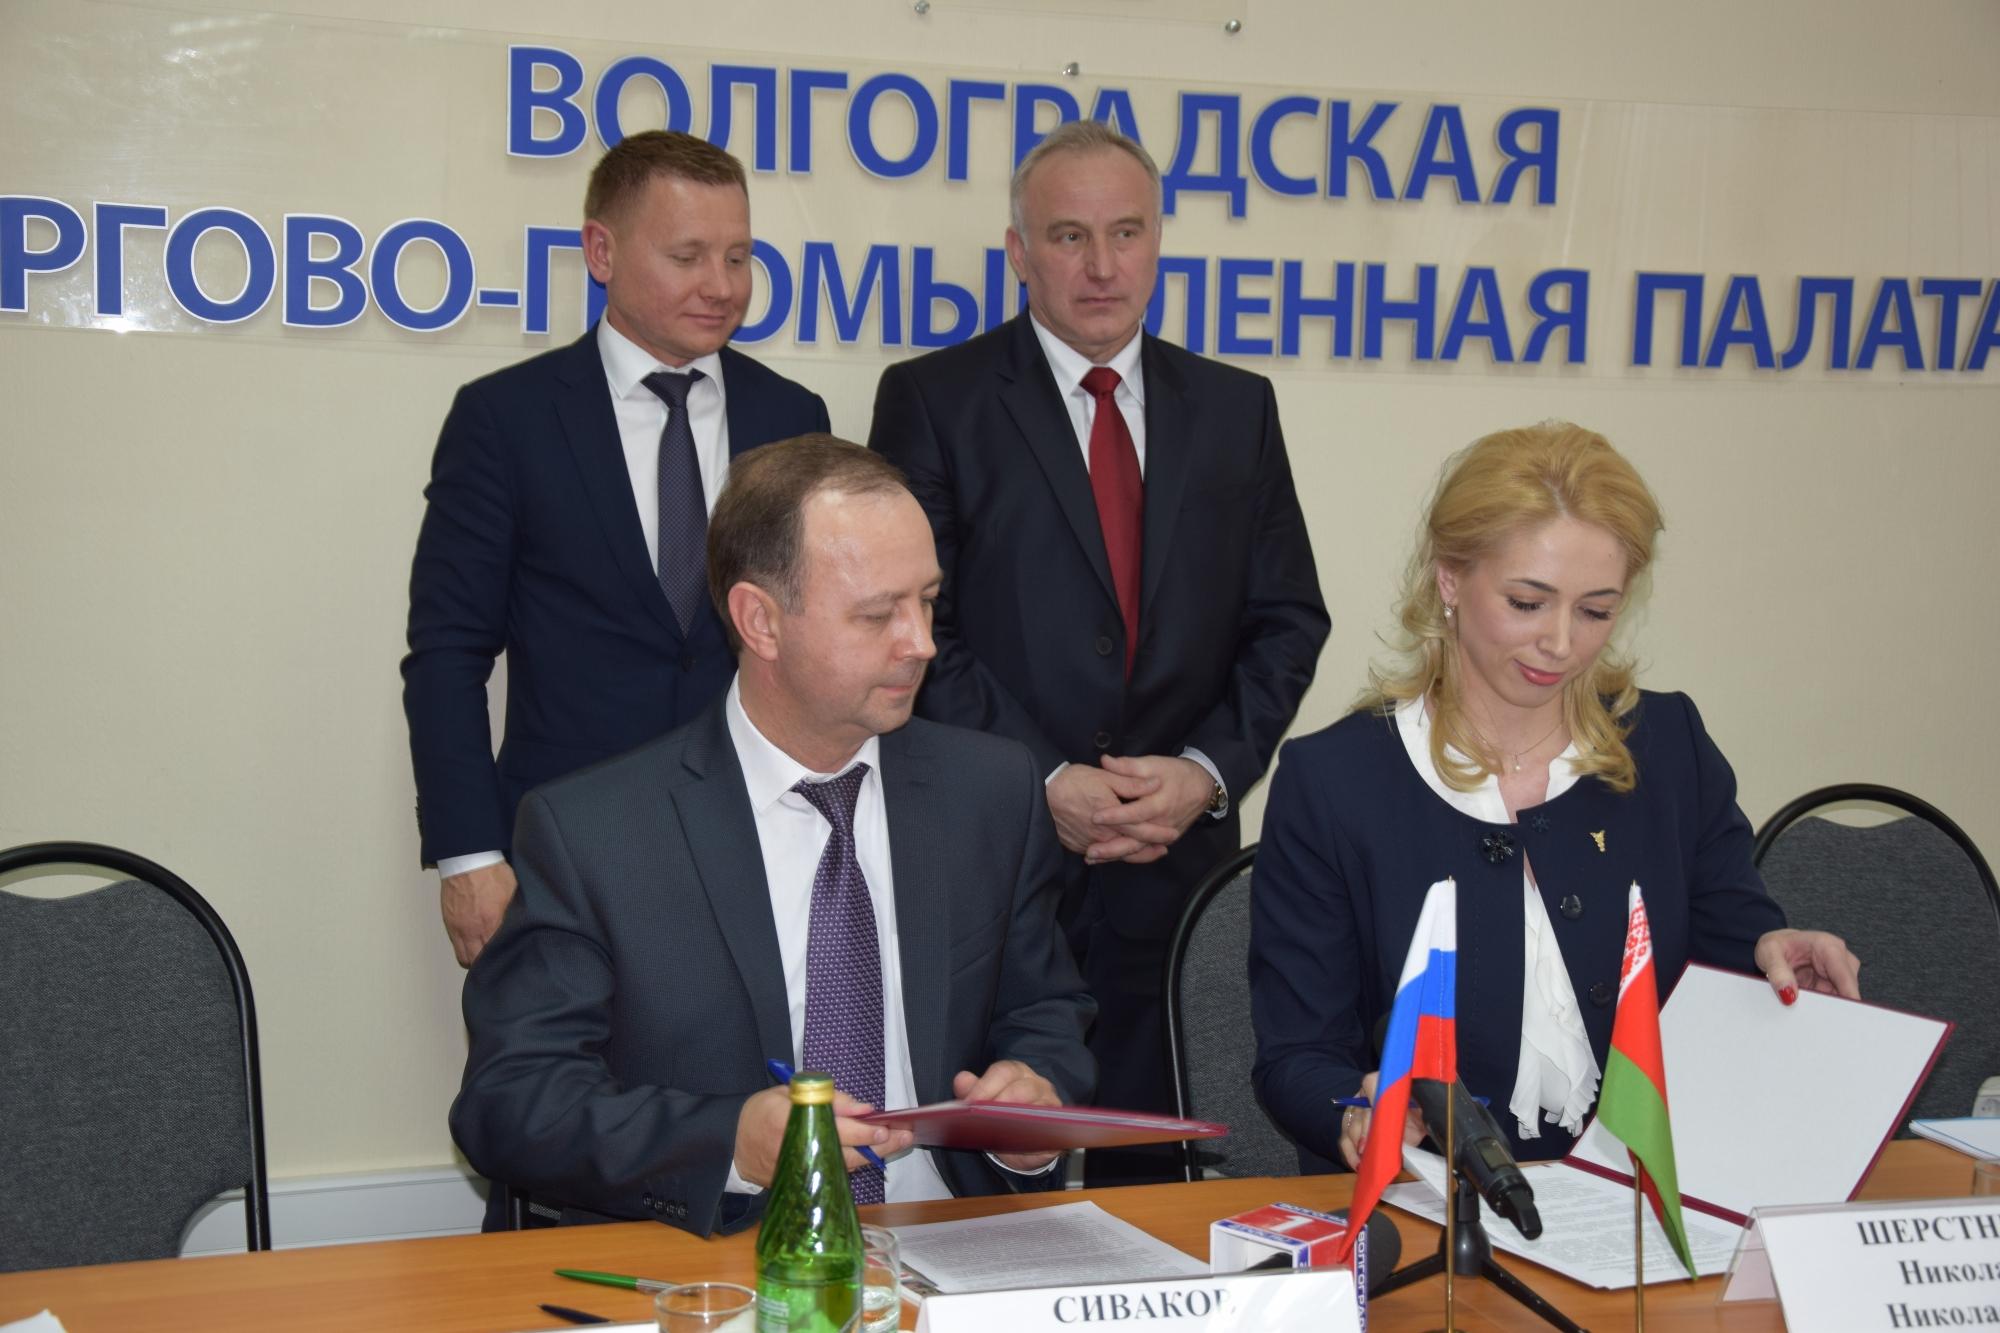 Волгоградская иВитебская области дополнят экономики друг дружку